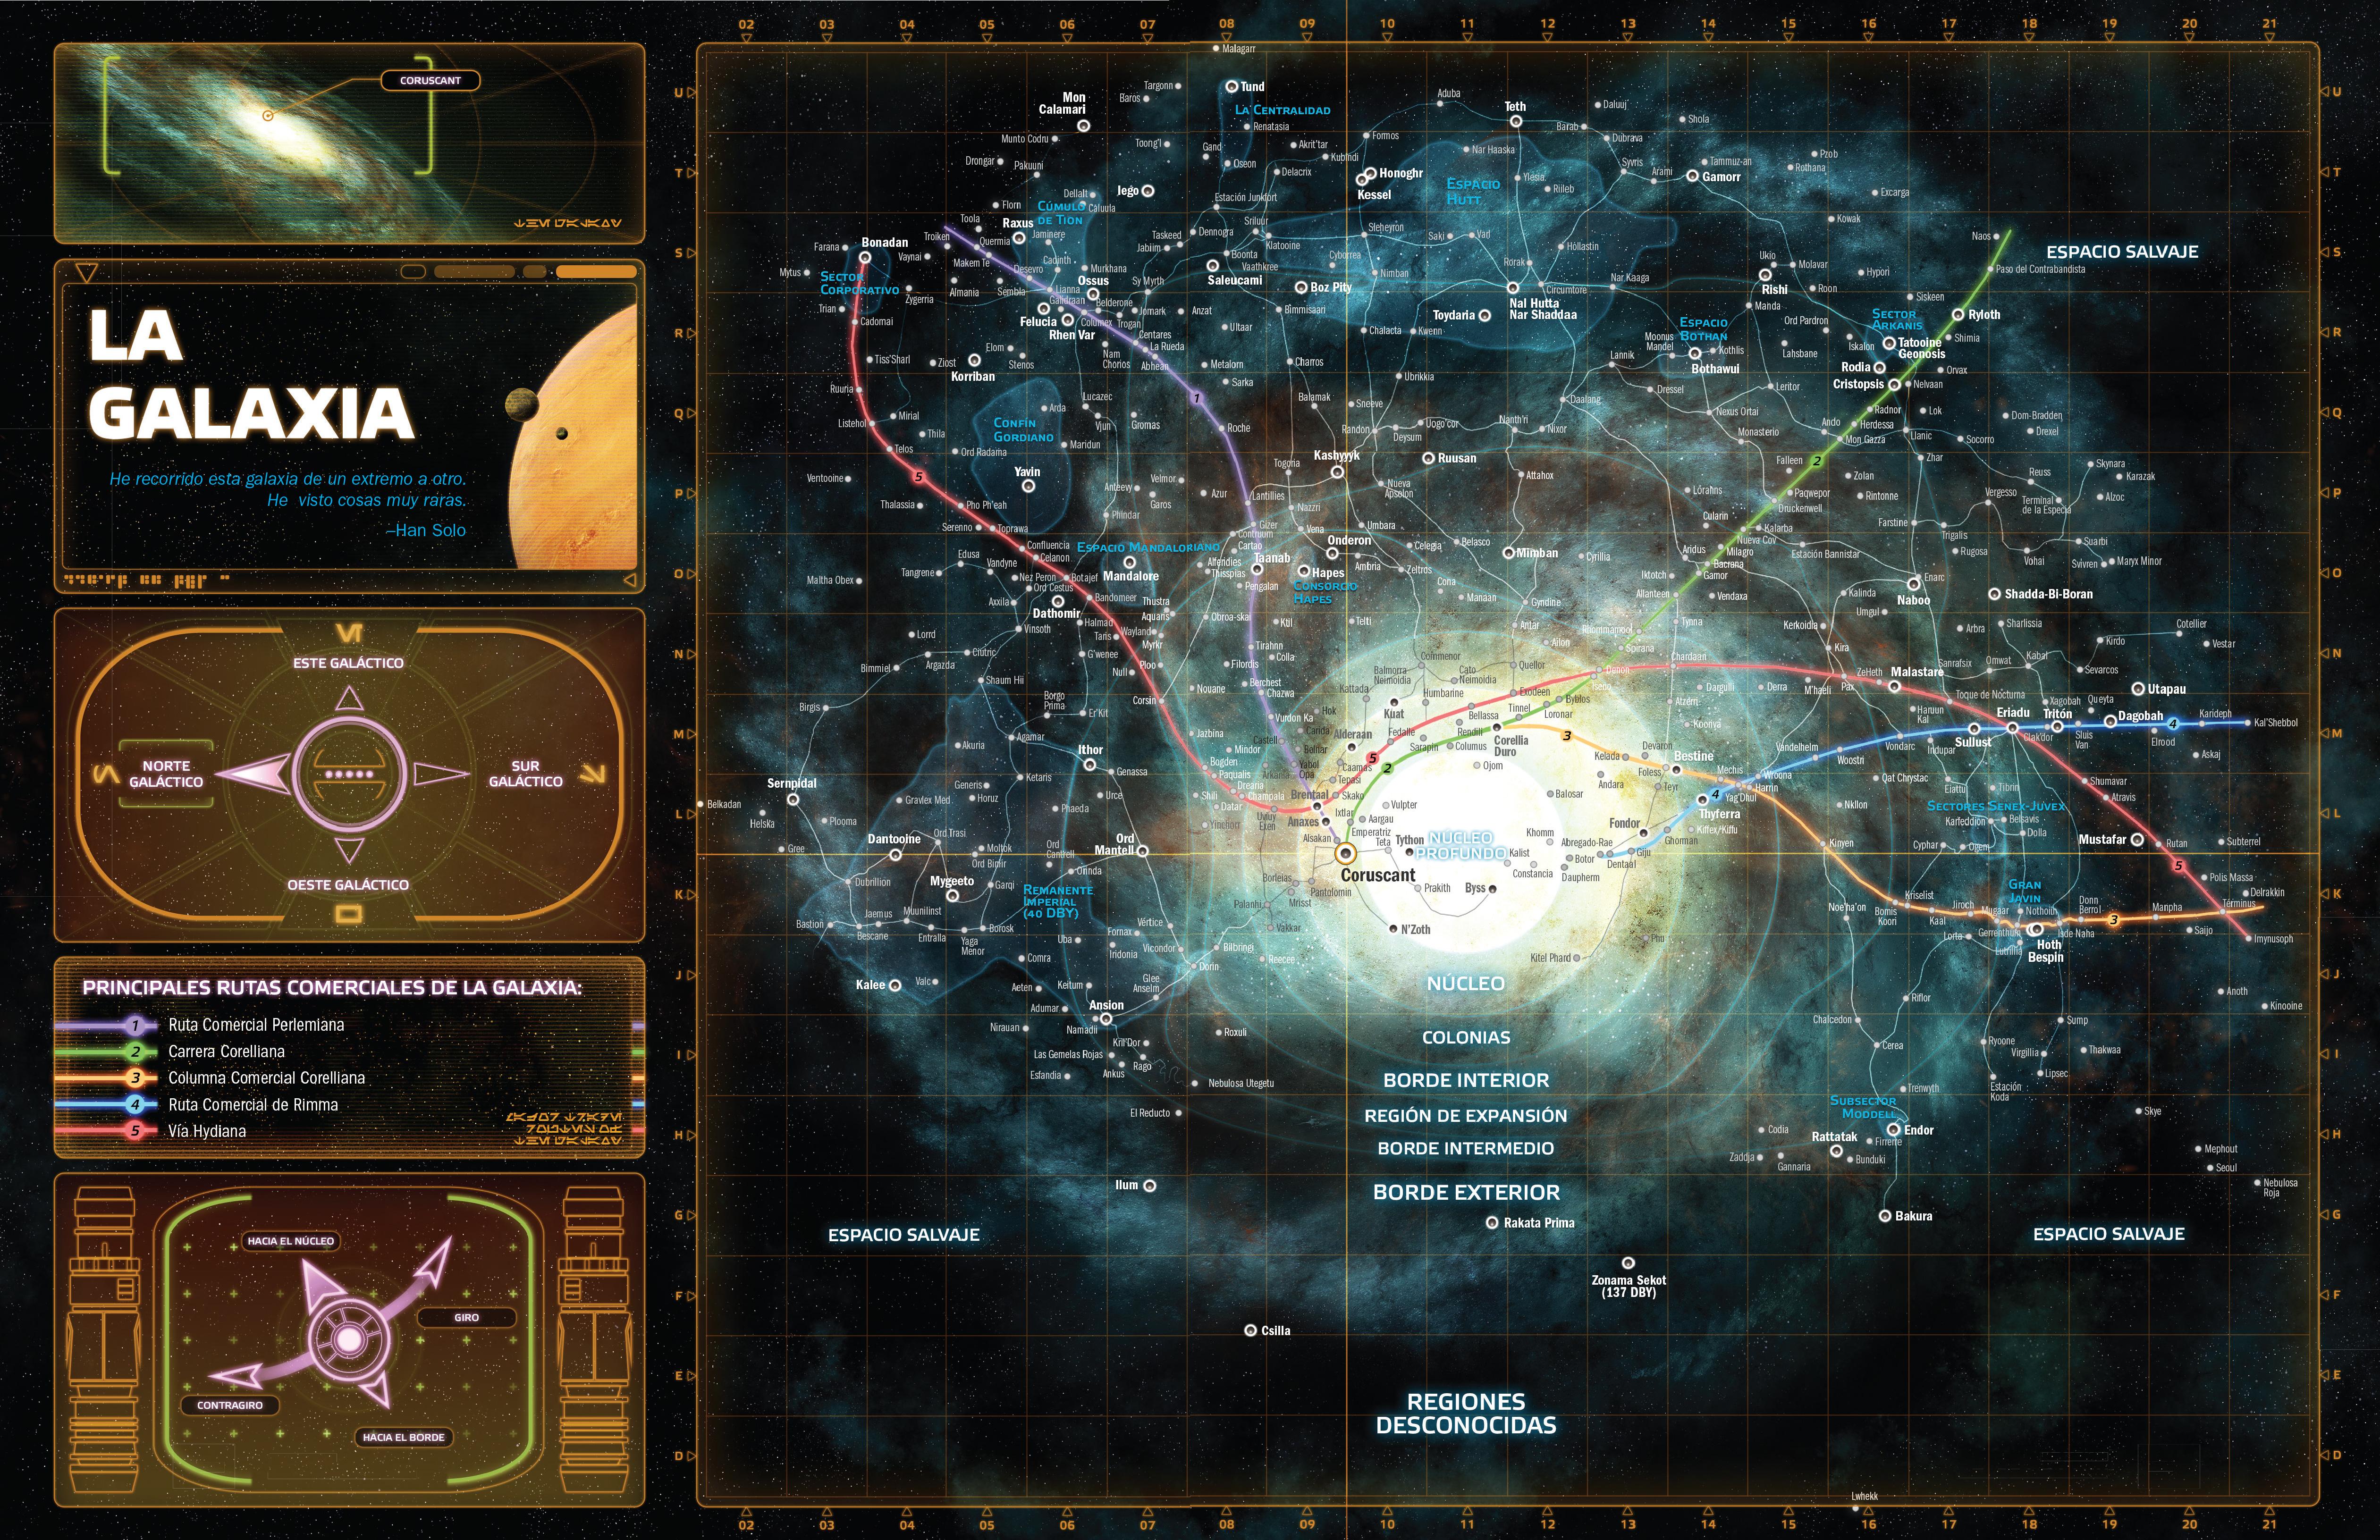 galaxy_map.jpg